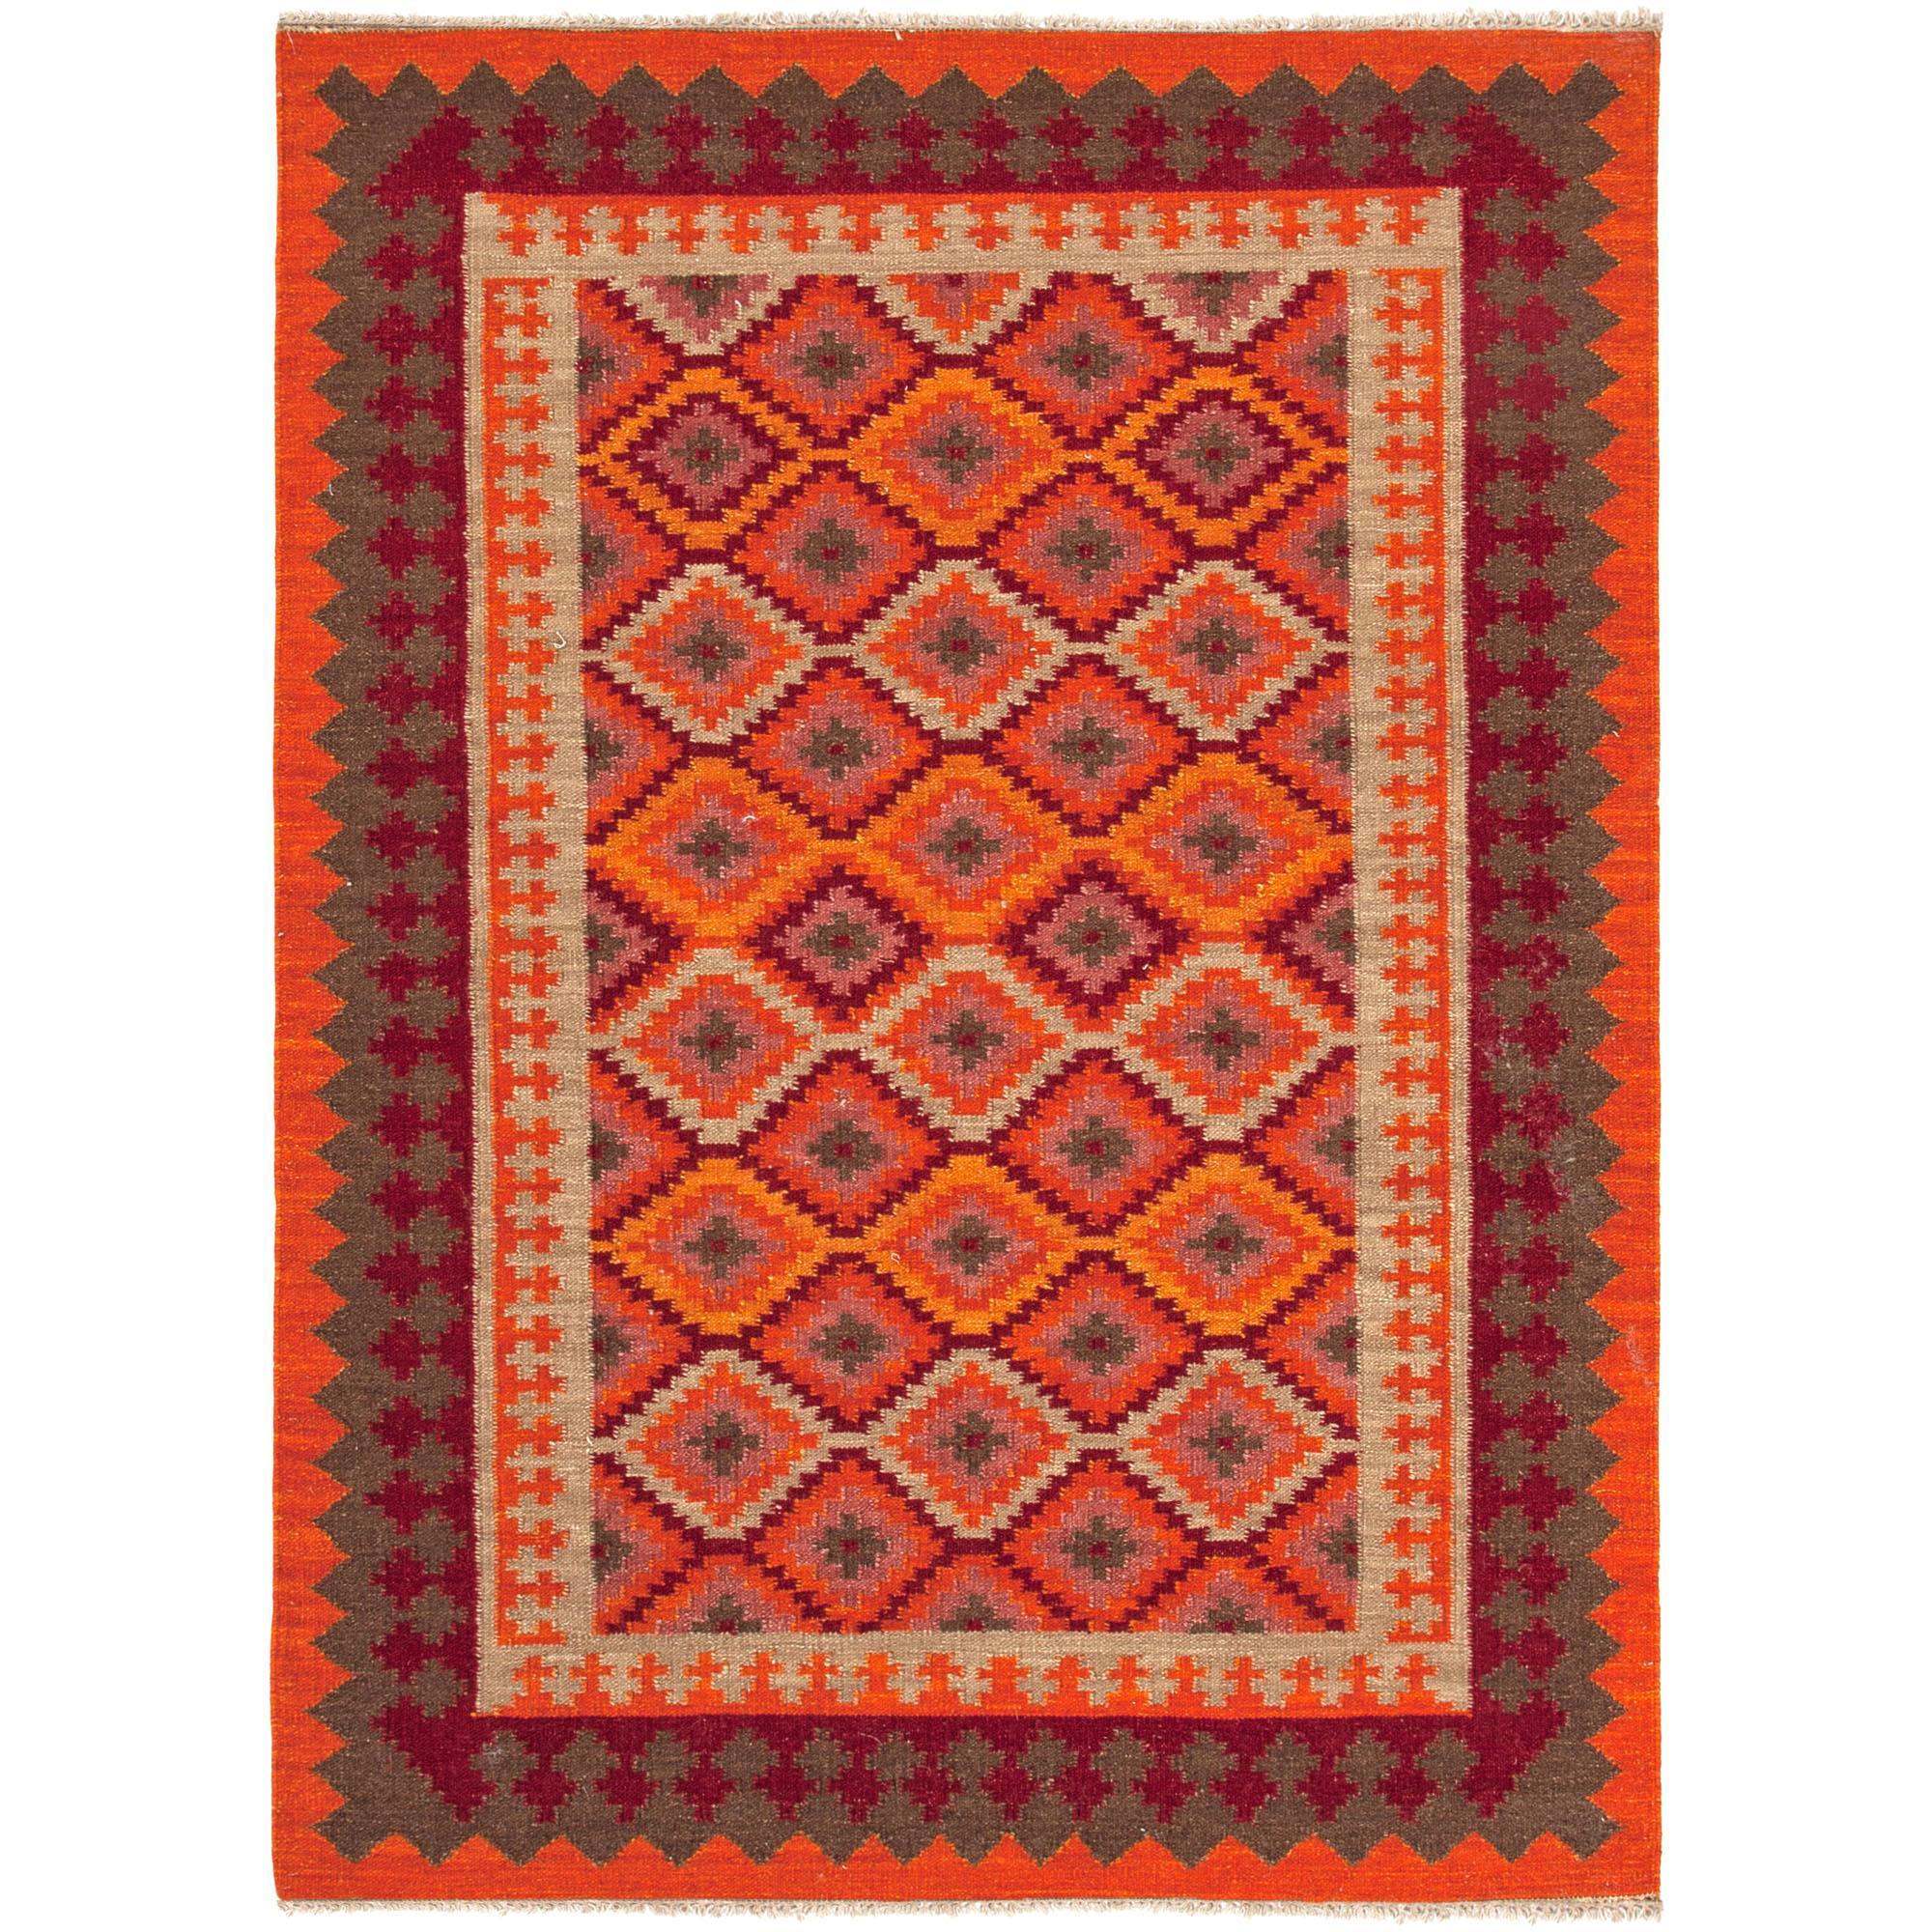 JAIPUR Rugs Anatolia 2 x 3 Rug - Item Number: RUG100192